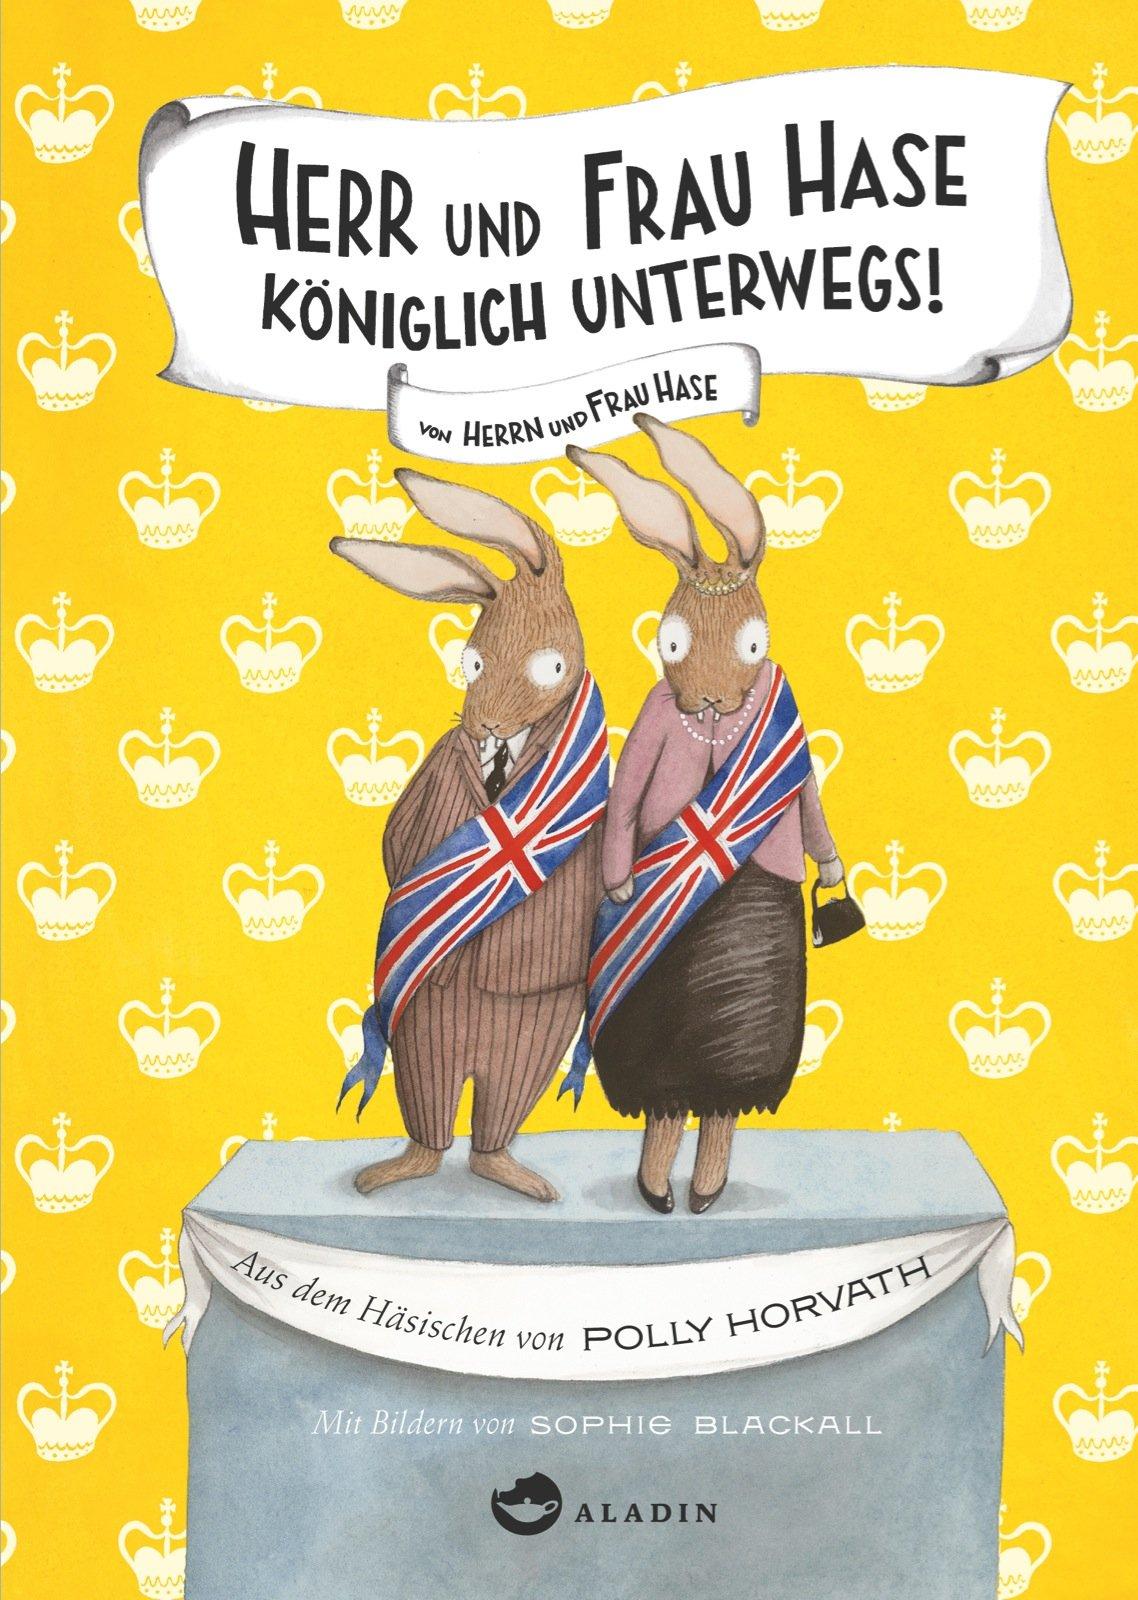 Herr und Frau Hase - Königlich unterwegs!